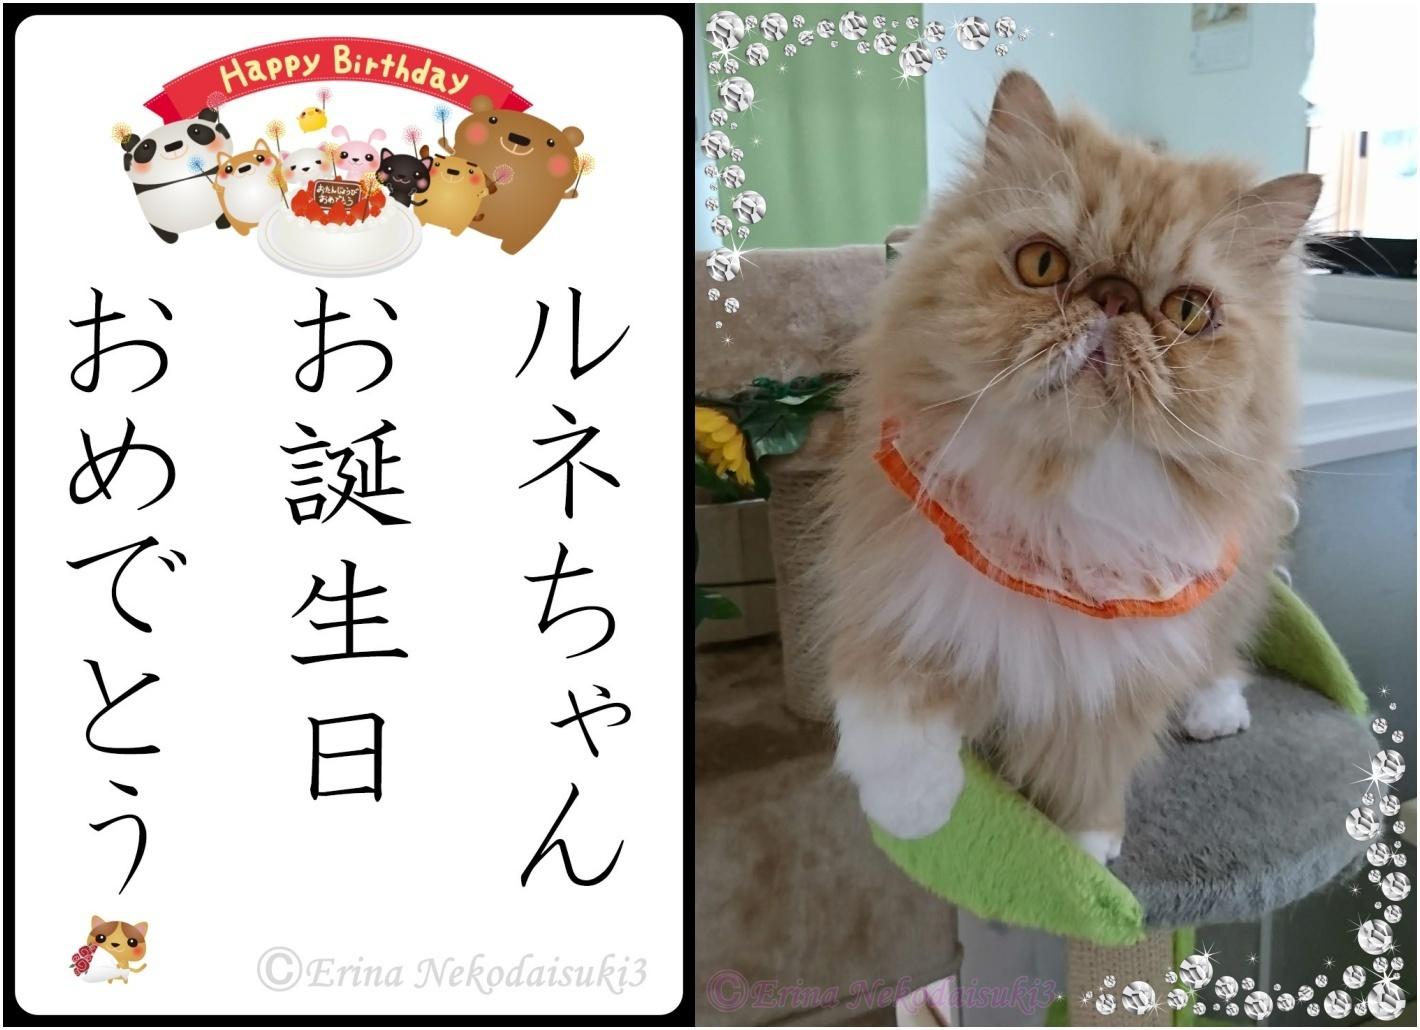 2連結ルネ写真有Ⓒイラスト付き猫川柳ルネちゃんお誕生日おめでとう-side.jpg